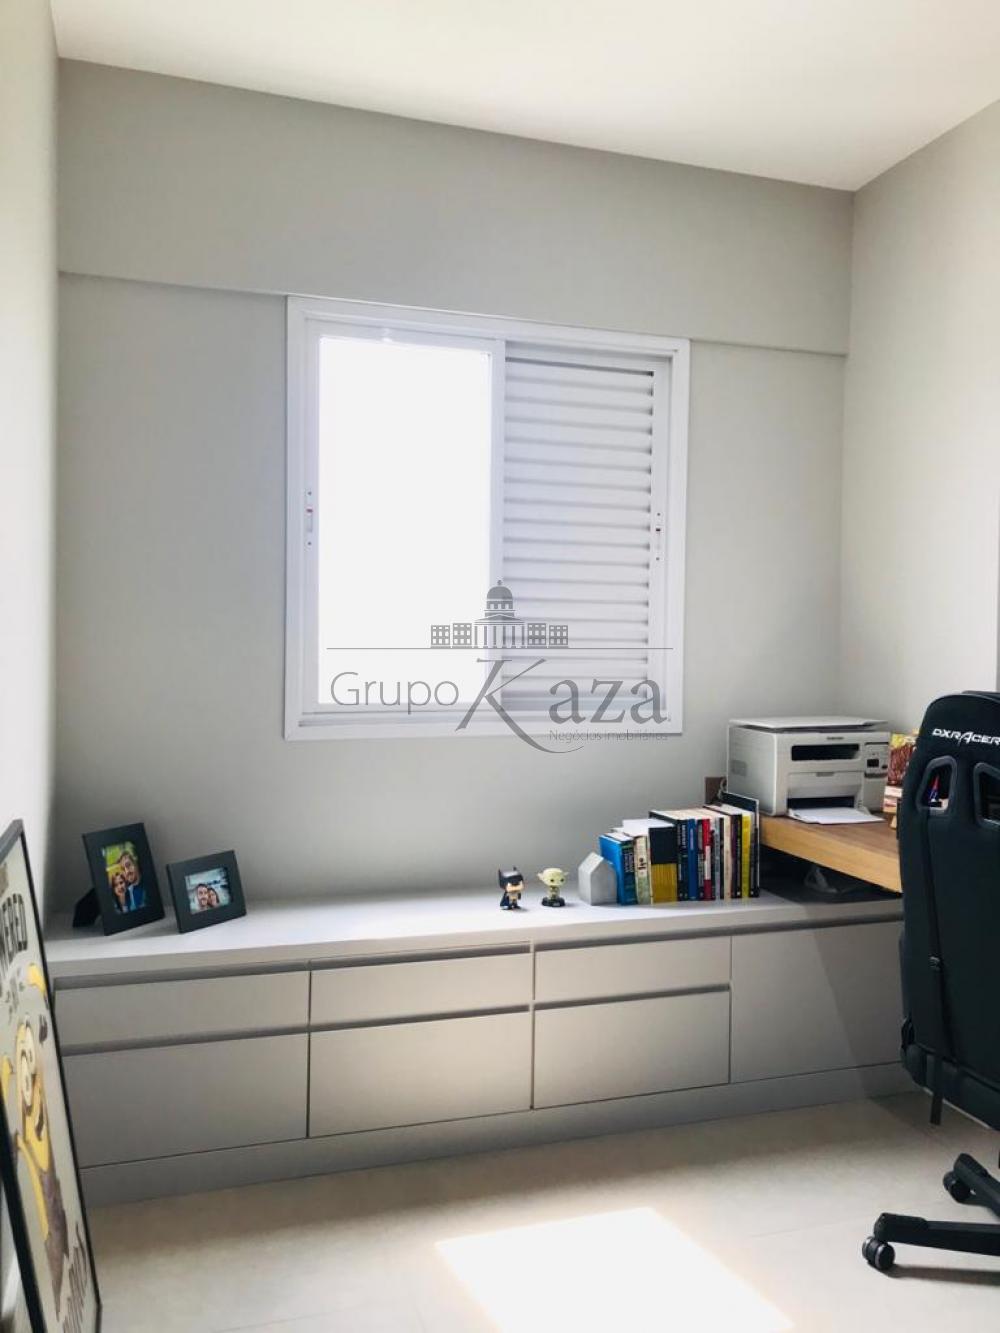 Alugar Apartamento / Padrão em São José dos Campos R$ 1.200,00 - Foto 15